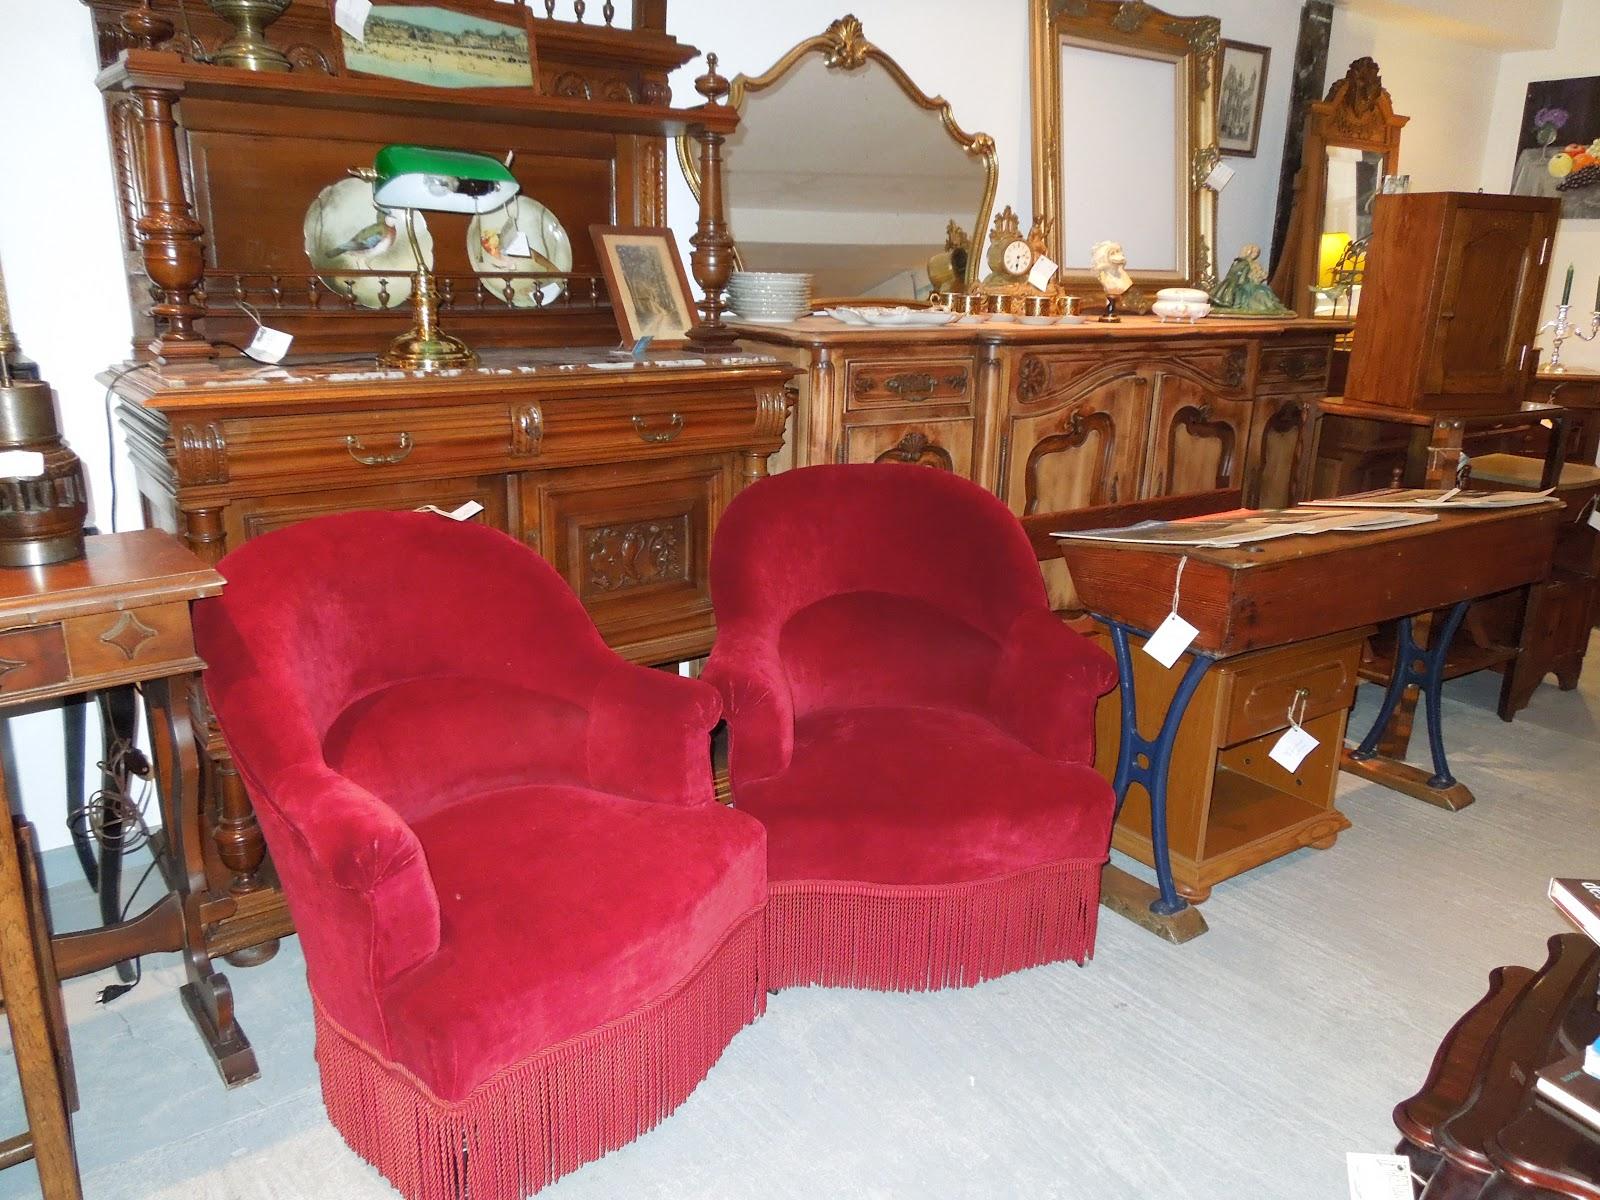 d p t vente honfleur le grenier de honfleur une visite int ressante au grenier de honfleur. Black Bedroom Furniture Sets. Home Design Ideas